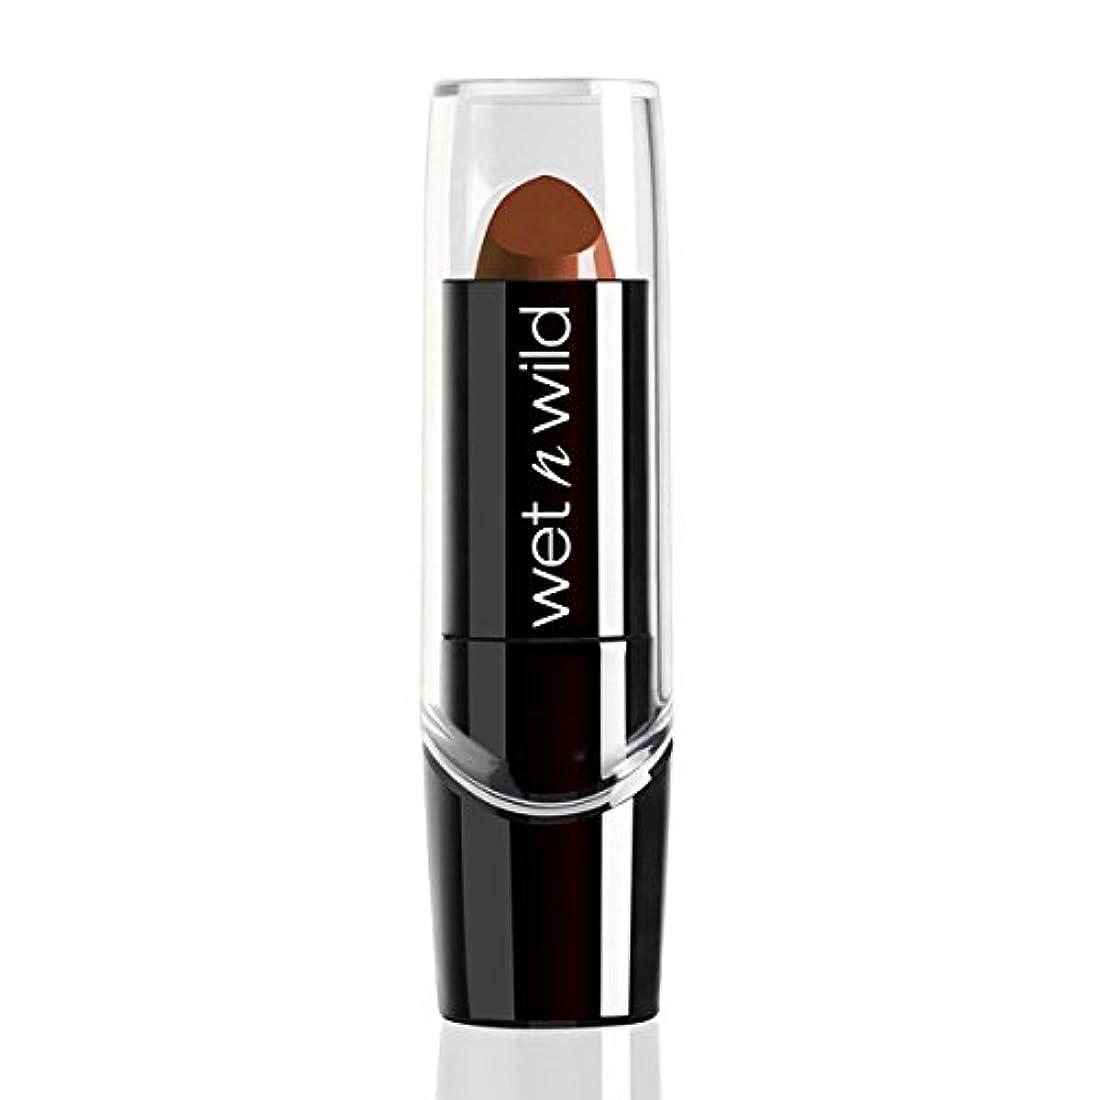 決して比喩正確にWET N WILD Silk Finish Lipstick - Mink Brown (並行輸入品)